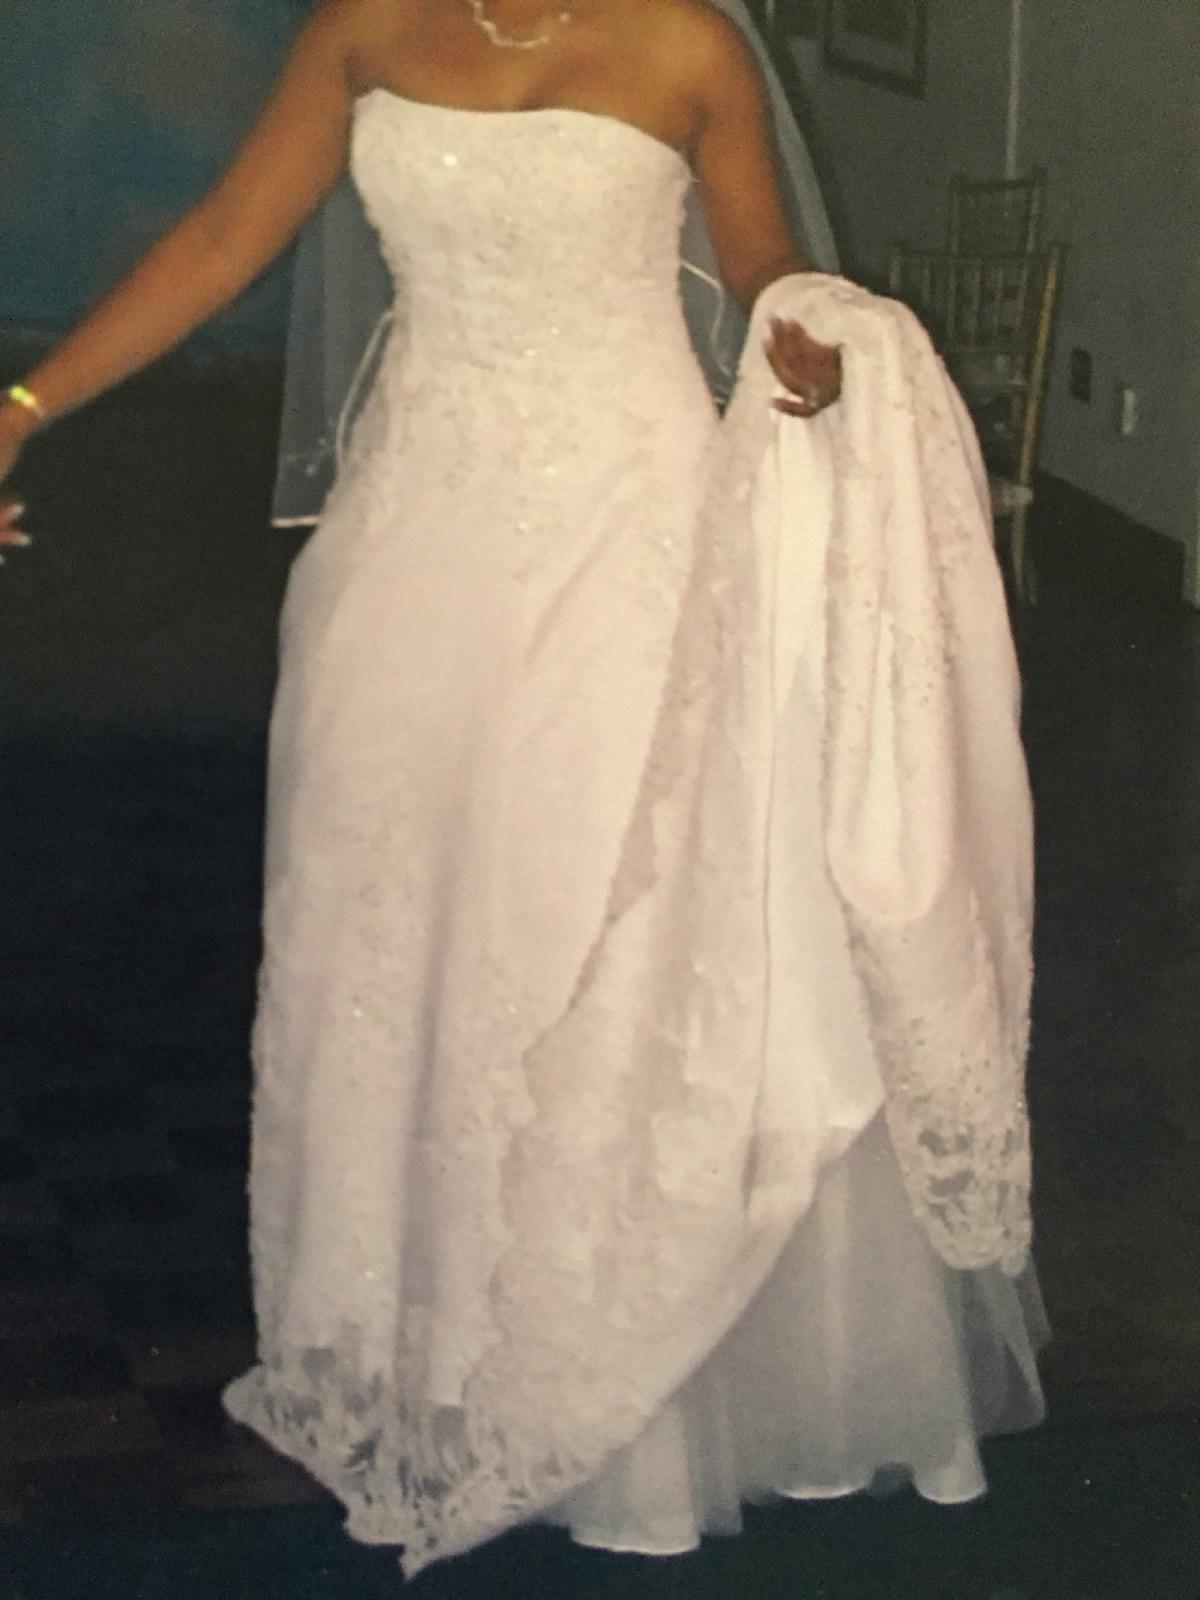 Michaelangelo v8377 second hand wedding dress on sale 46 off for Second hand wedding dresses london